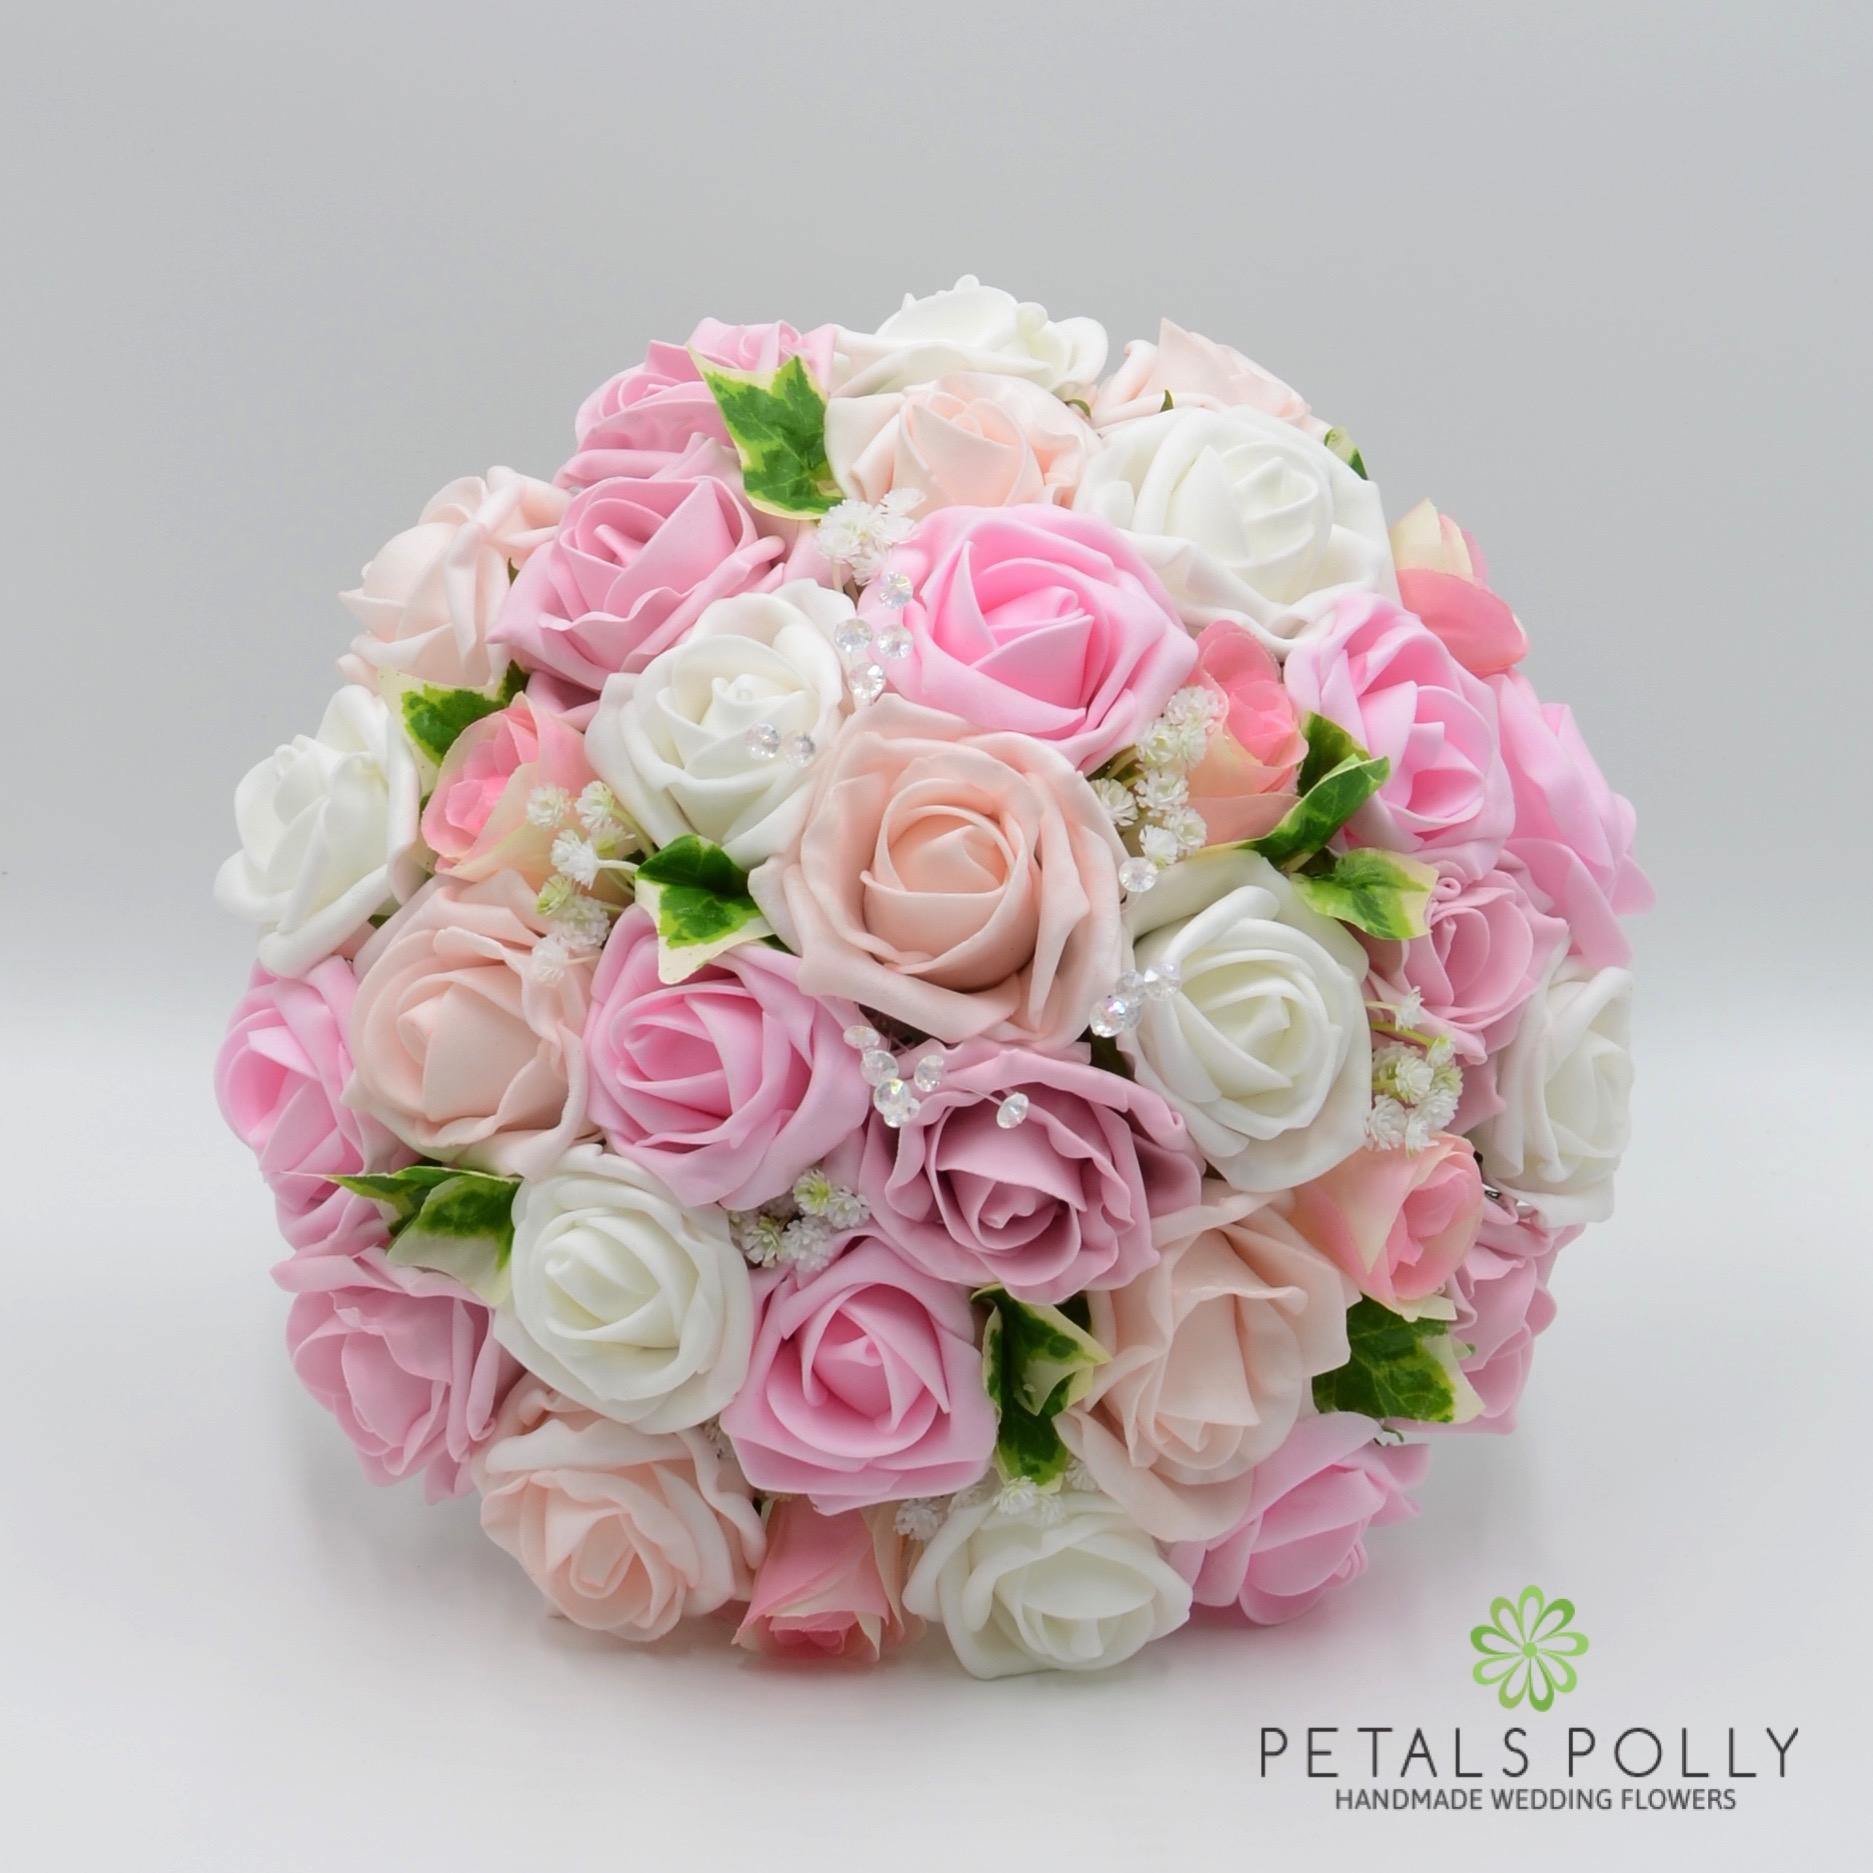 Baby Pink Antique Pink Blush Pink White Rose Brides Posy